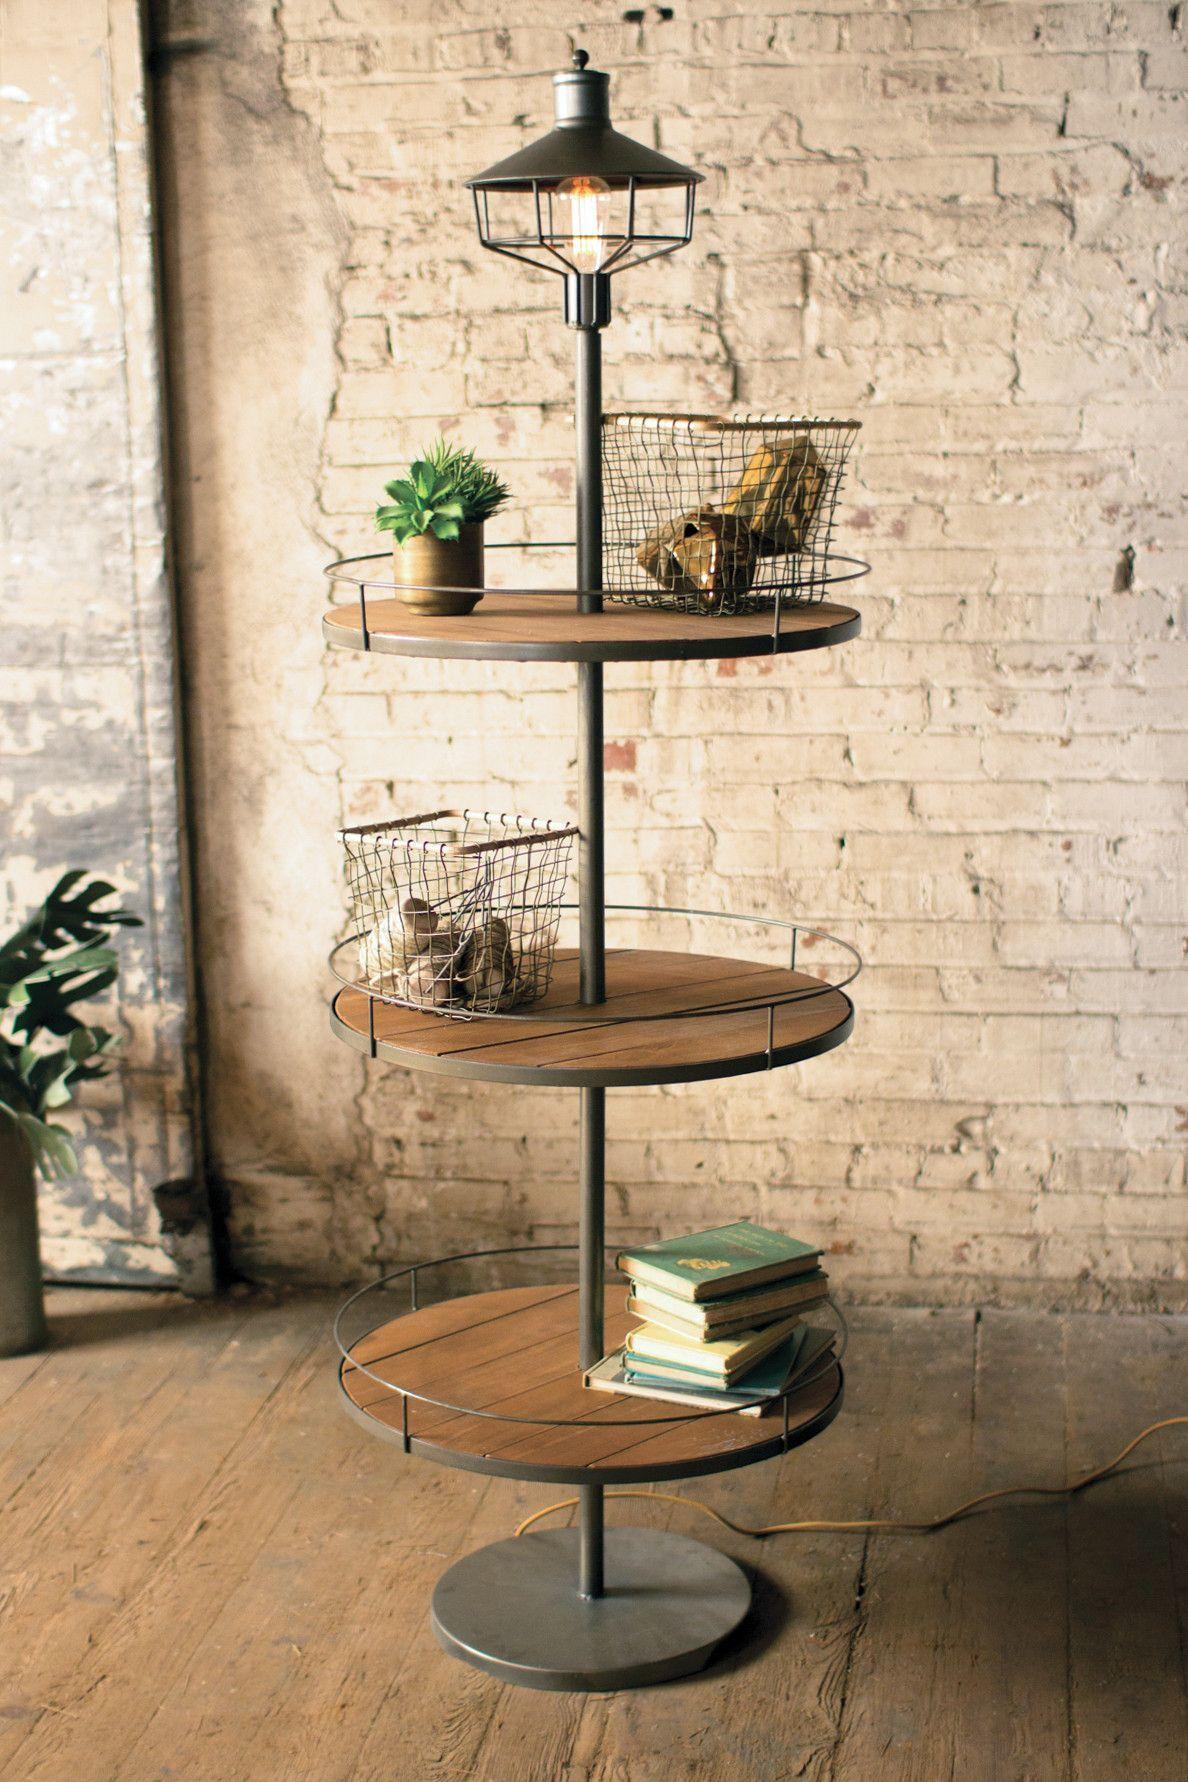 3 Tier Display Floor Lamp Diy Floor Lamp Floor Lamp With Shelves Farmhouse Floor Lamps